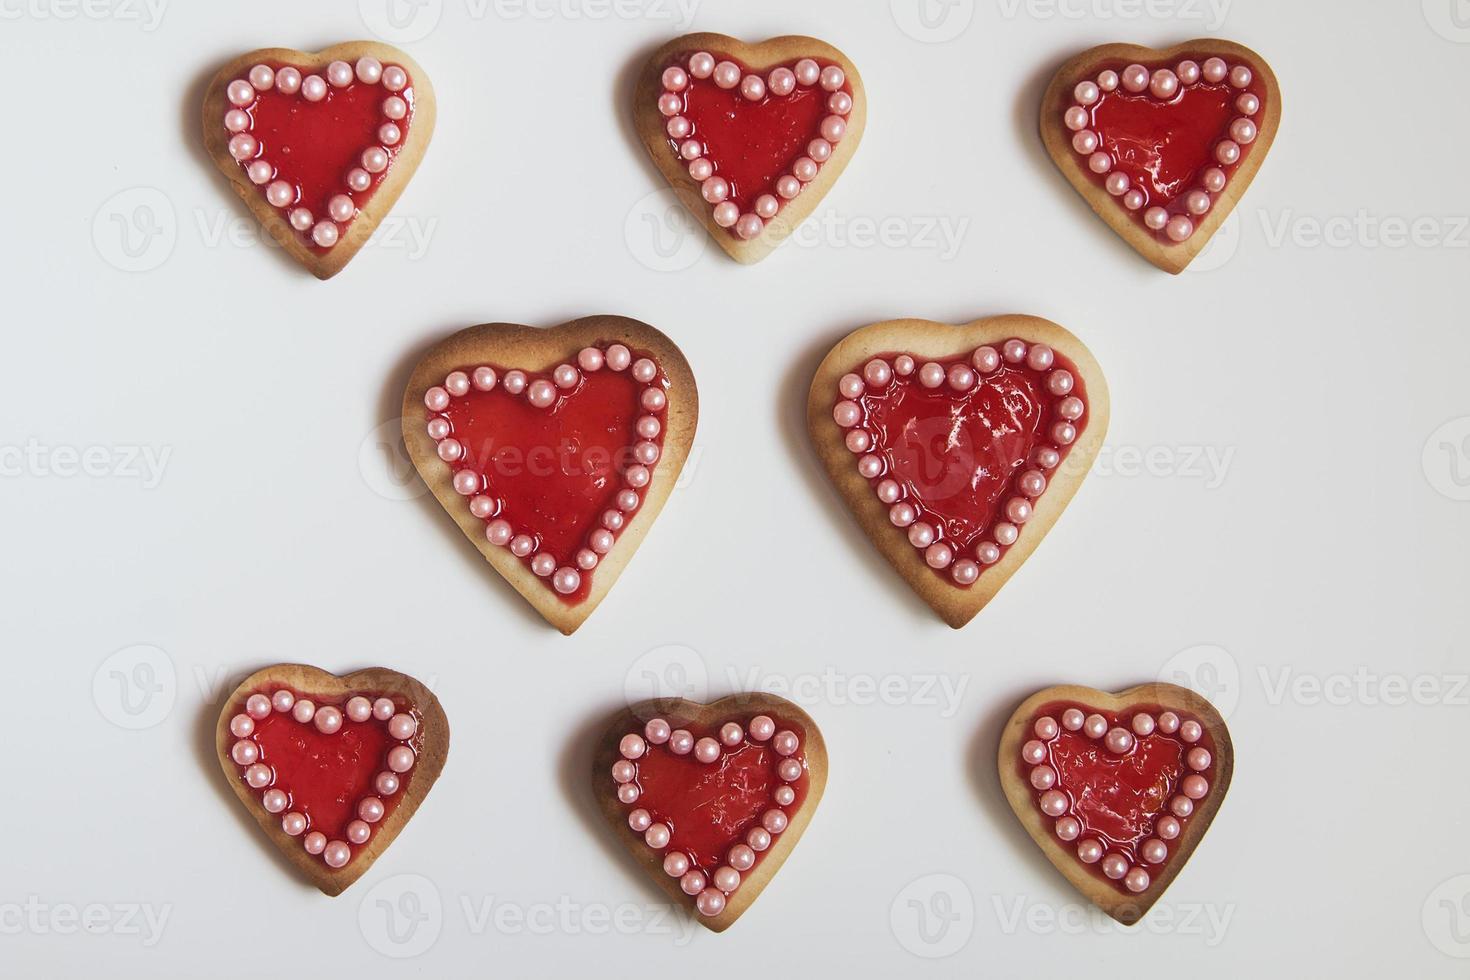 cookies de corações vermelhos em fundo branco foto